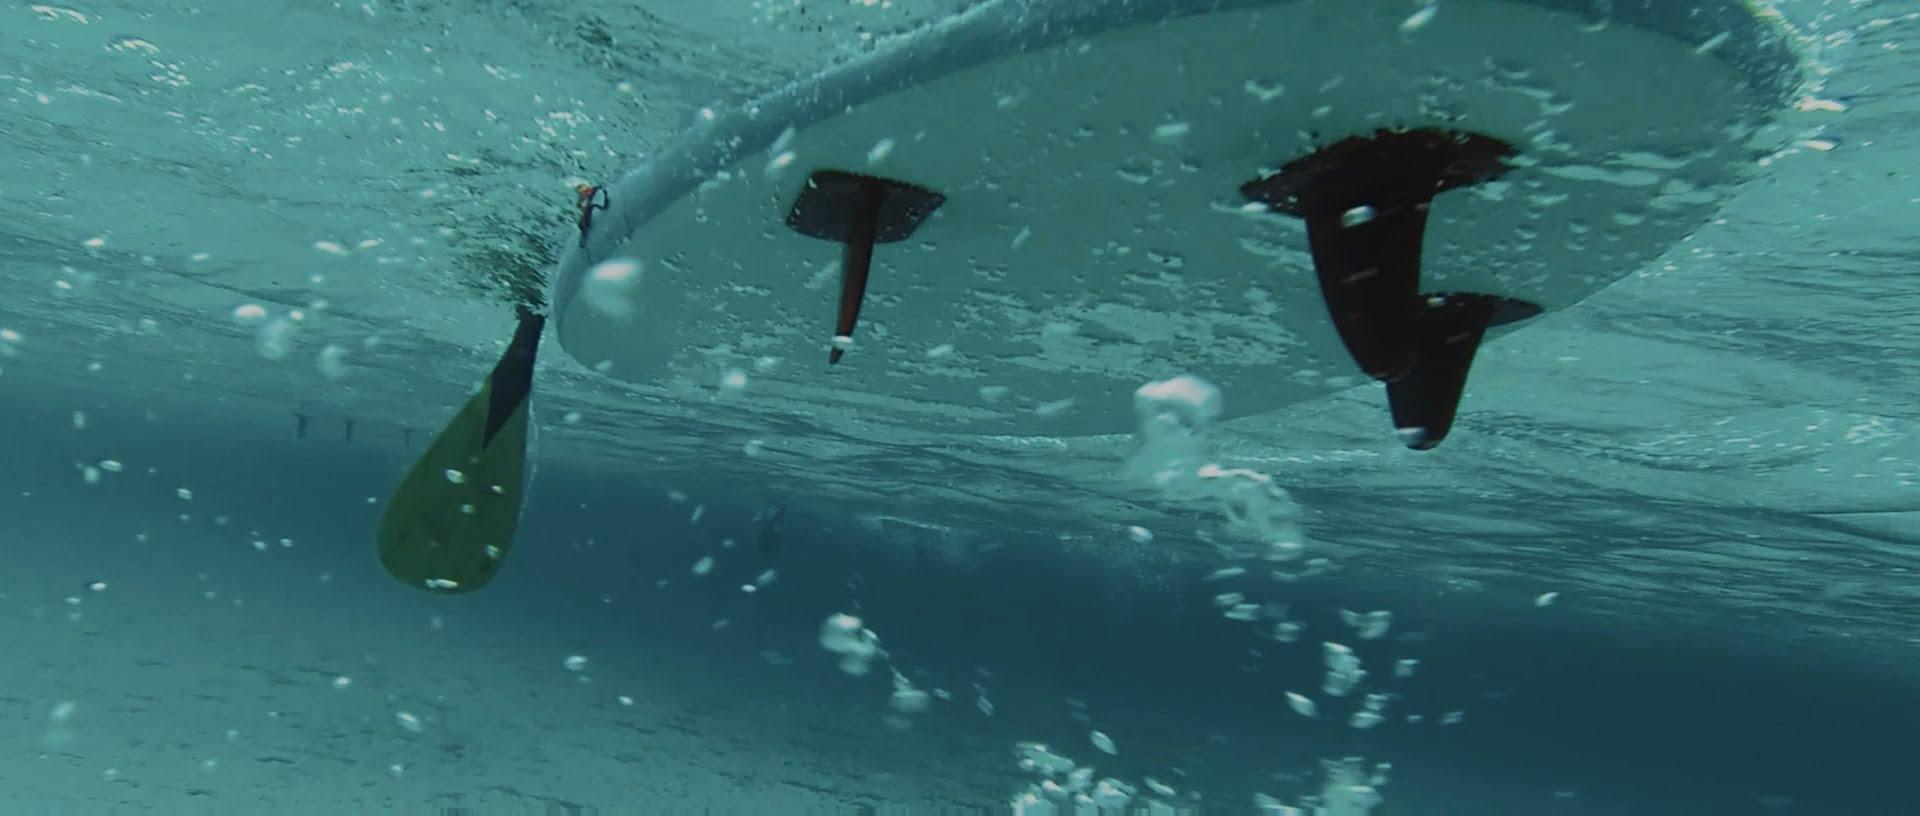 Nasvet za bolj pravilno veslanje na supu - potisni veslo bolj proti tlom.